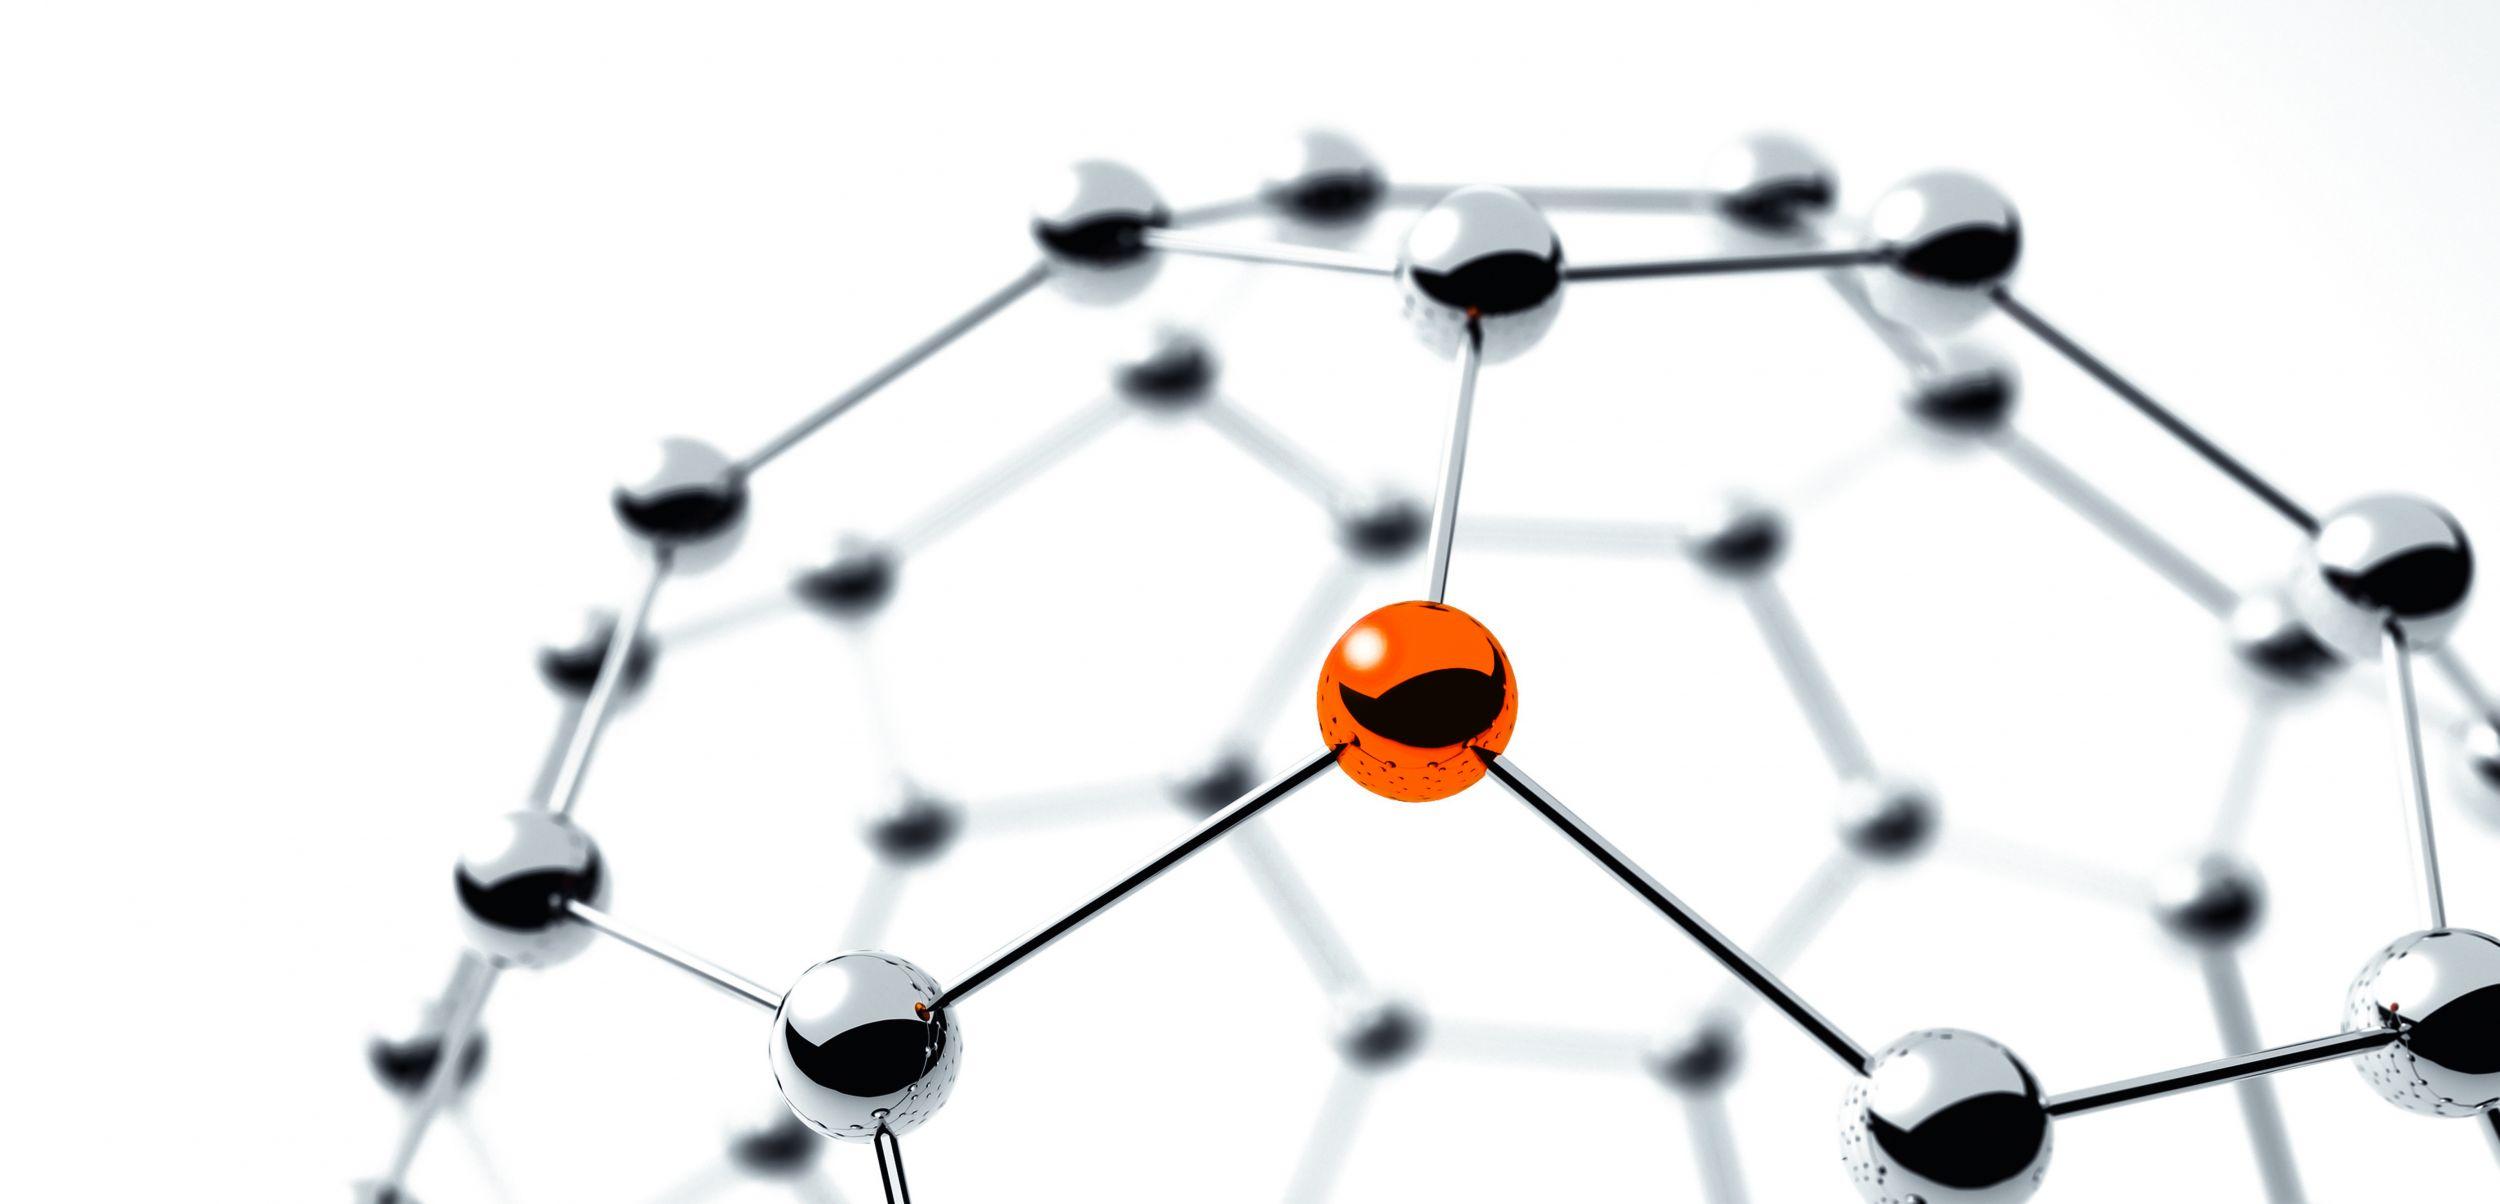 Vernetzungstechnologie EEBus: